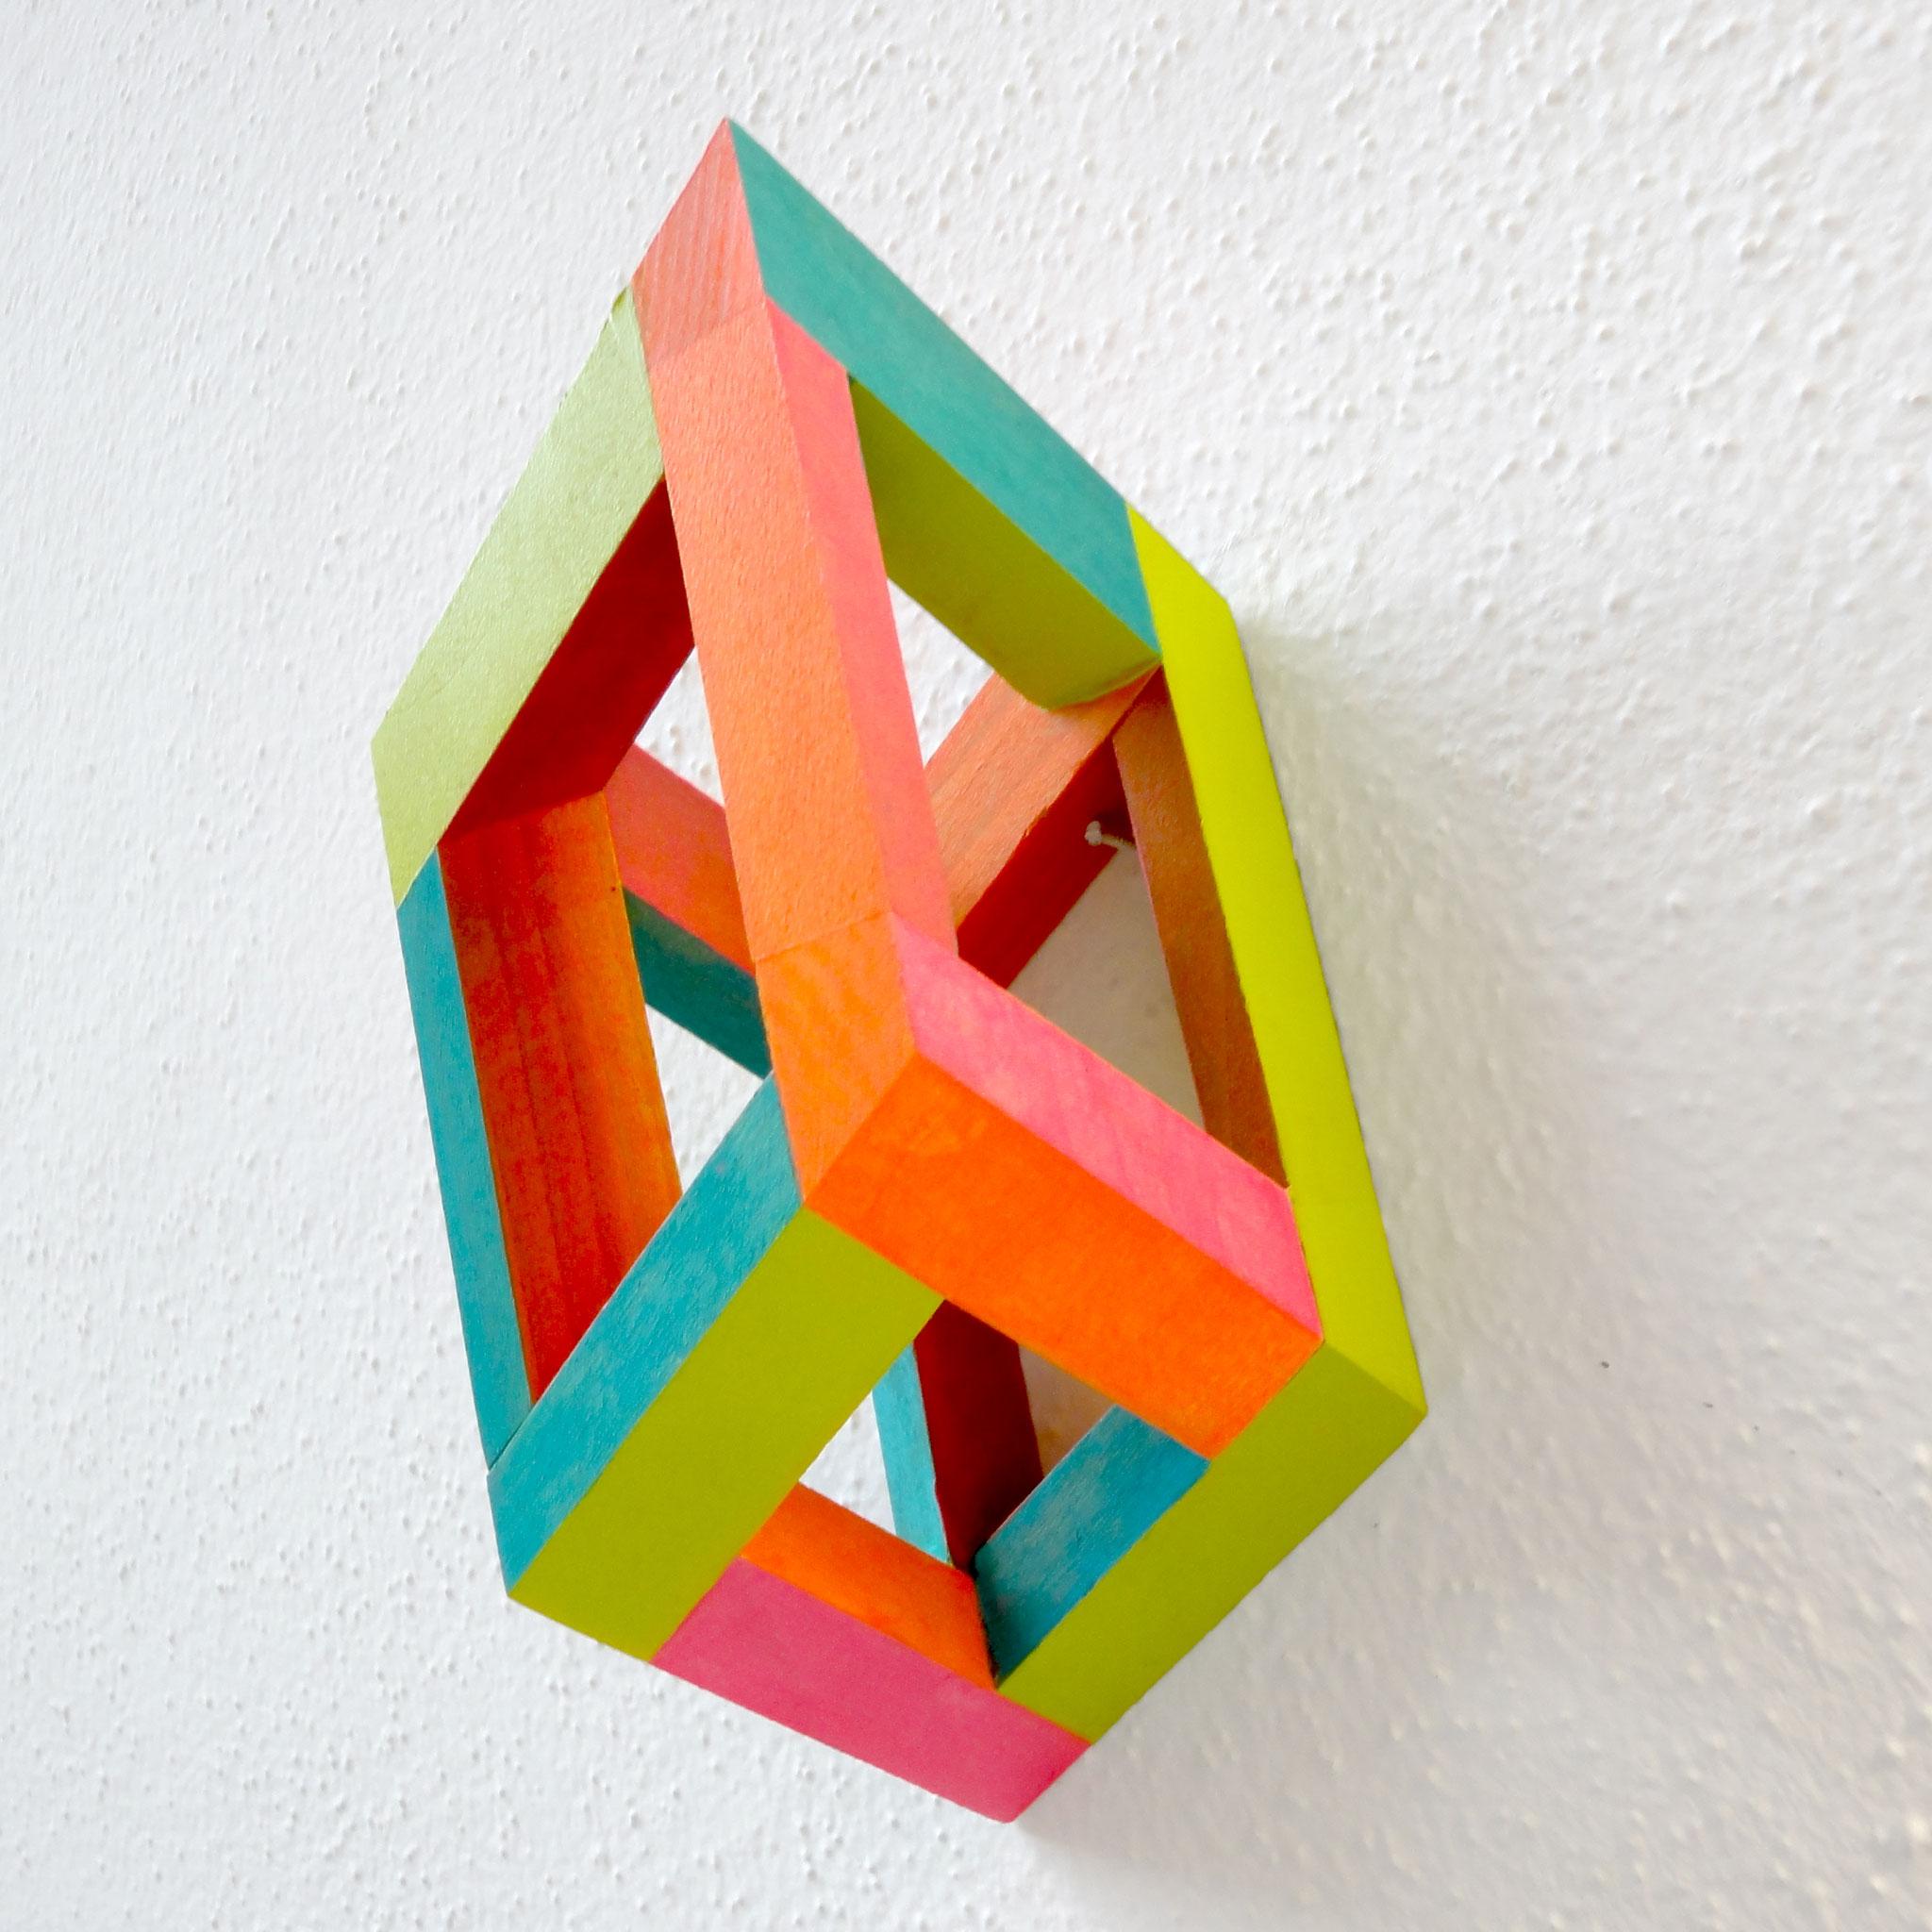 Kunstwerk von Mary Kim